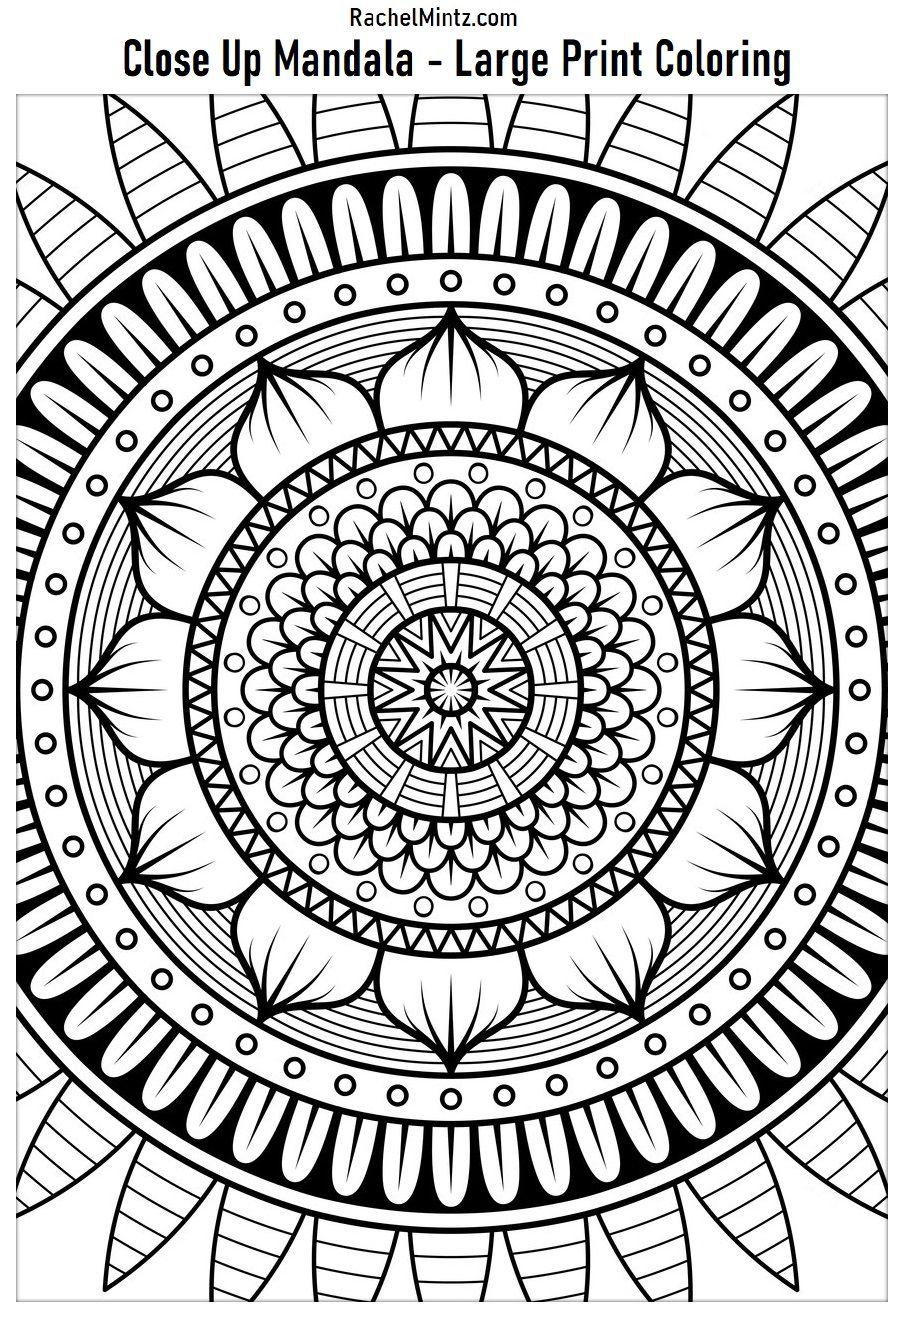 Easy Large Print Mandala Designs Coloring Books Mandala Coloring Books Coloring Books